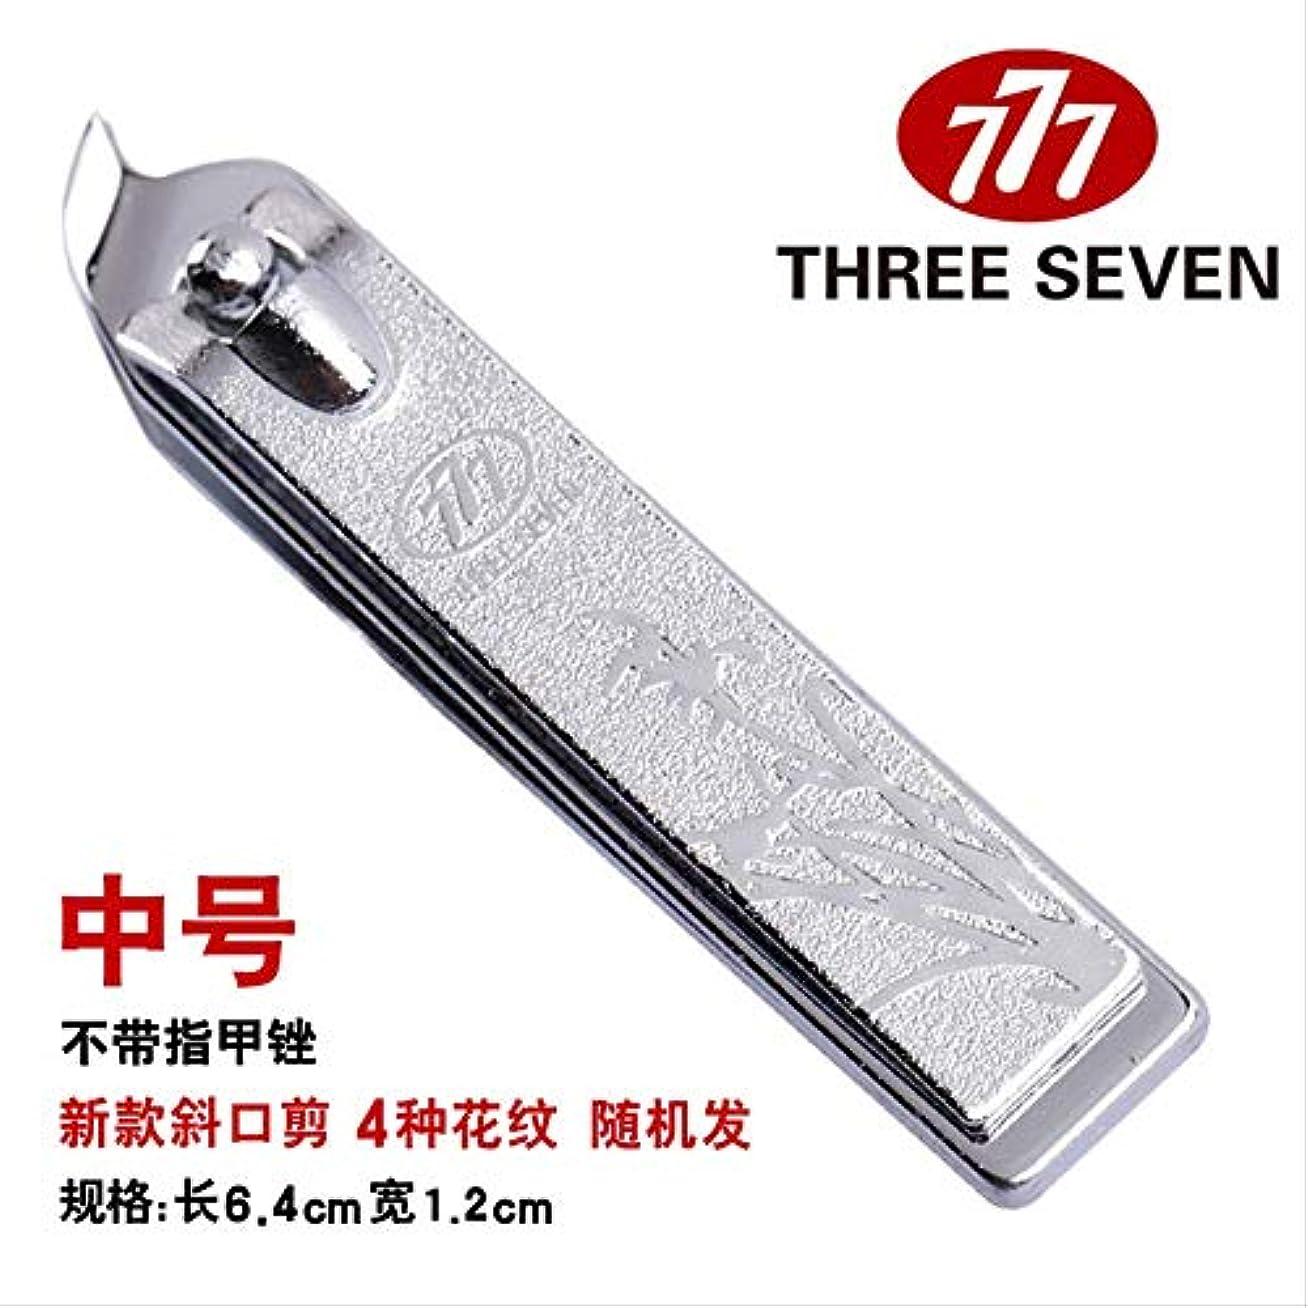 麦芽スパイラル致死韓国777爪切りはさみ元平口斜め爪切り小さな爪切り大本物 CT-121YA